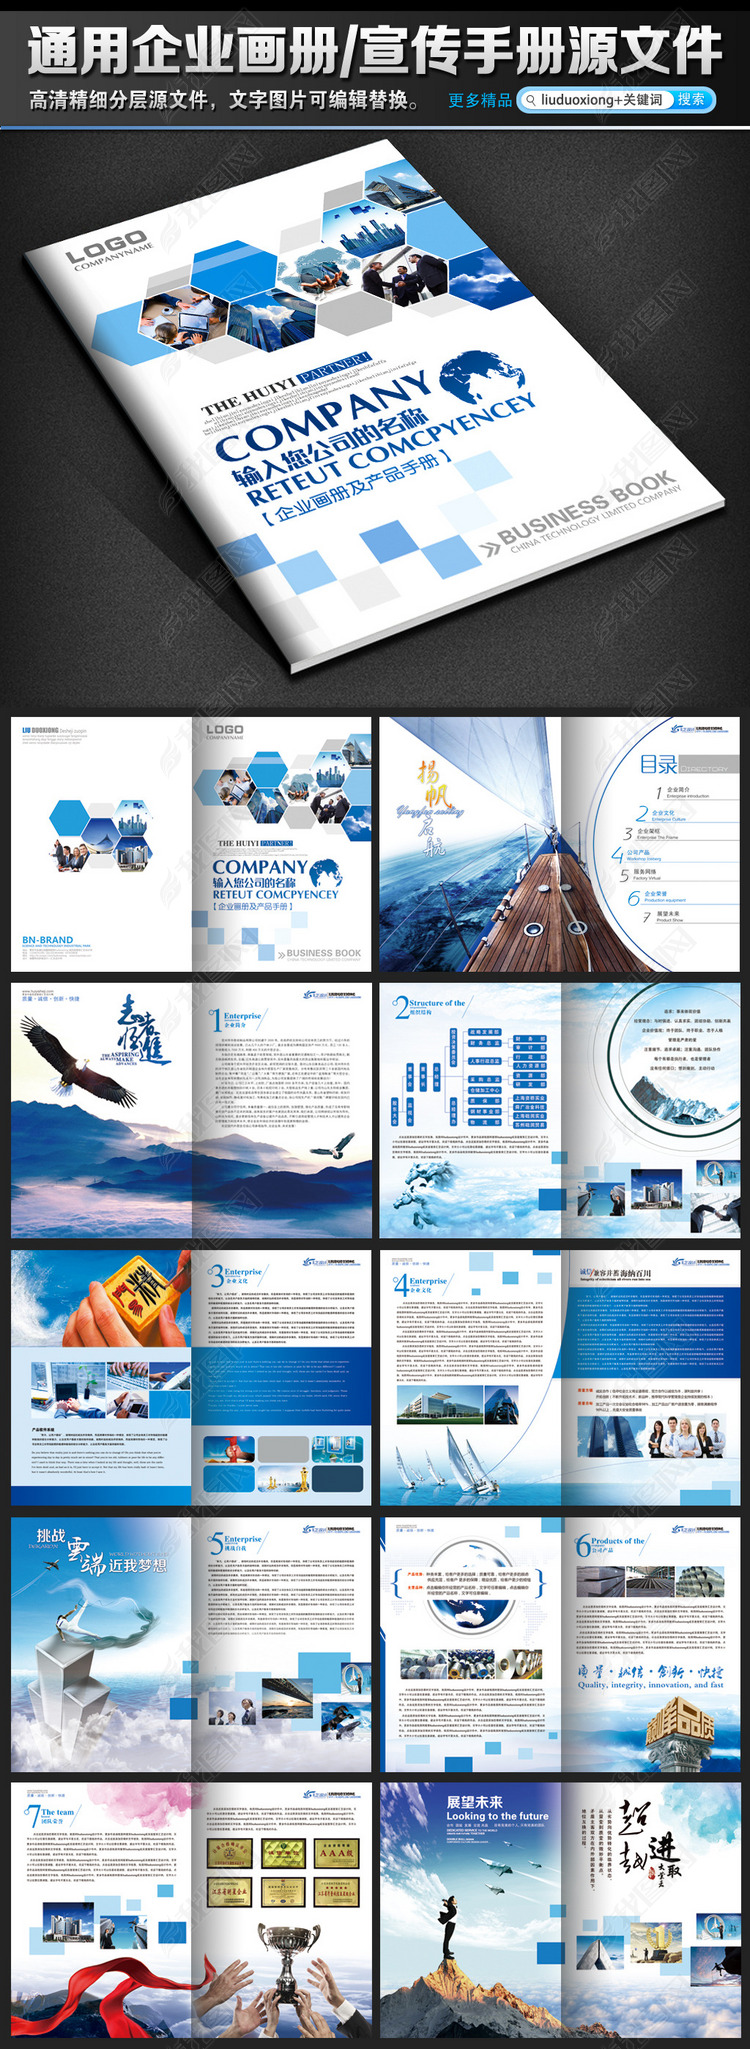 整套蓝色公司画册企业画册产品介绍宣传手册